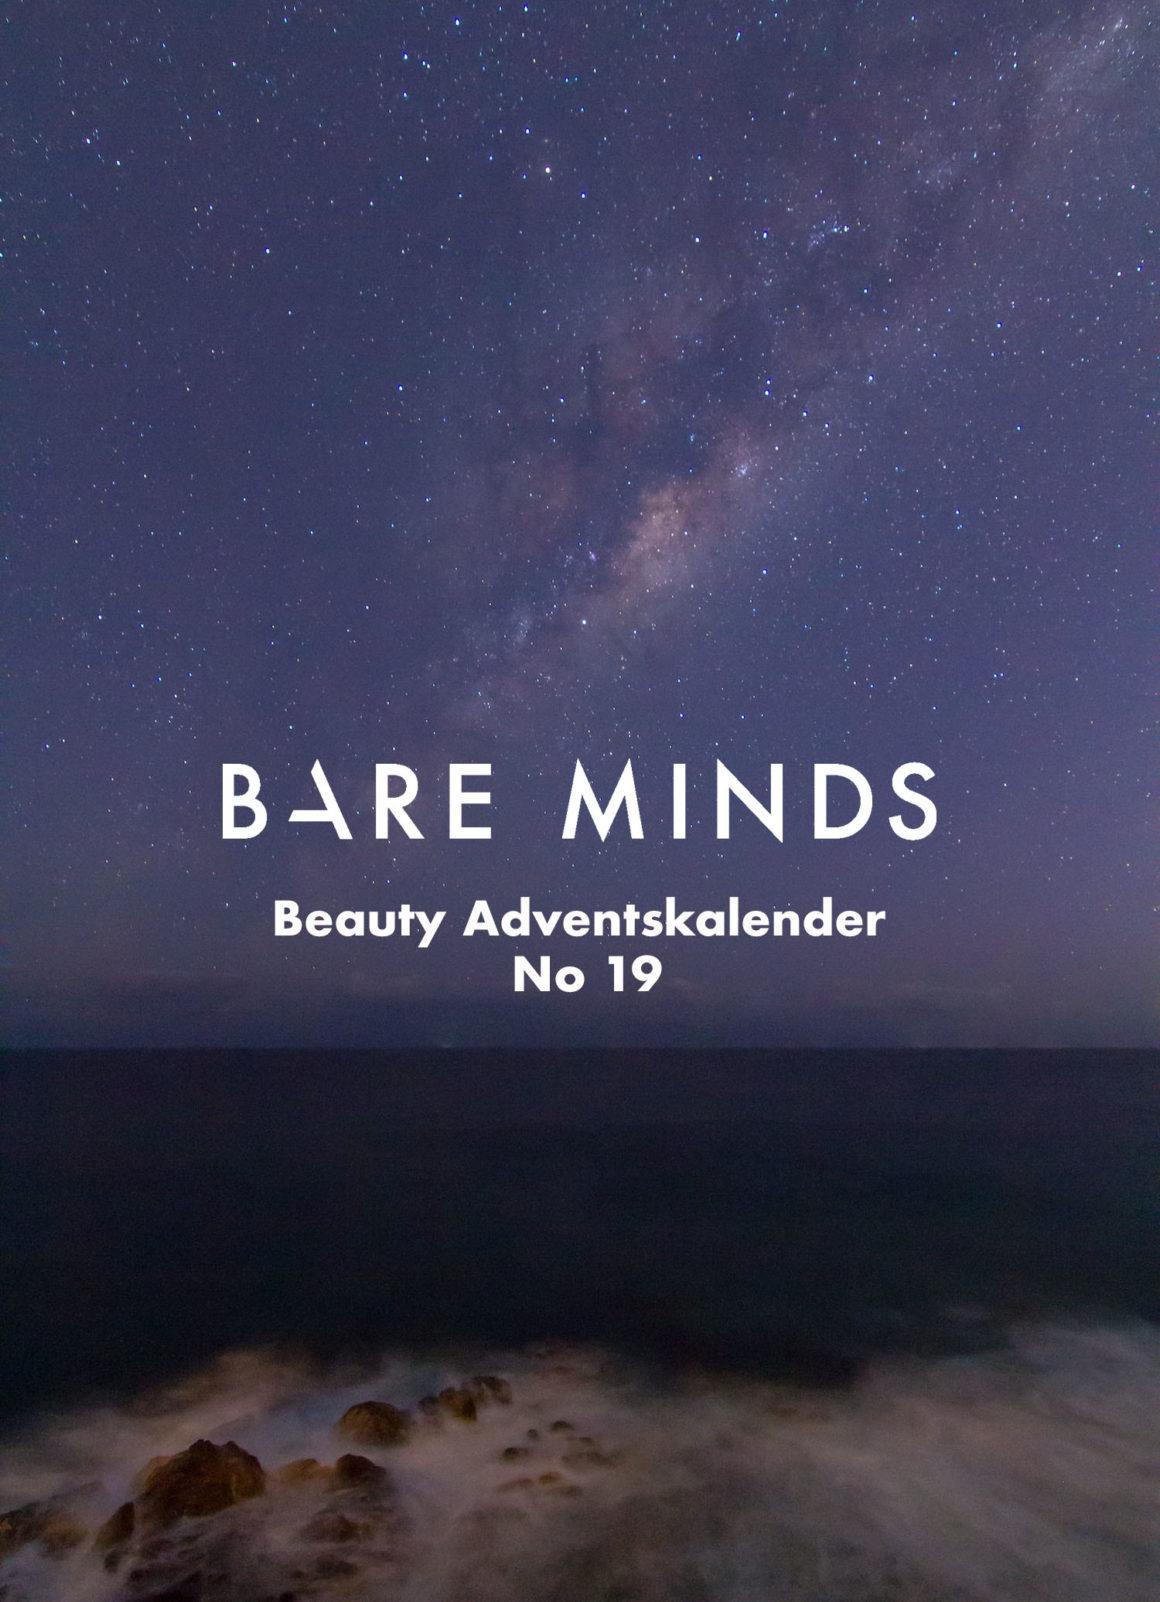 Bare Minds Beauty Adventskalender holger-link-736375-unsplash